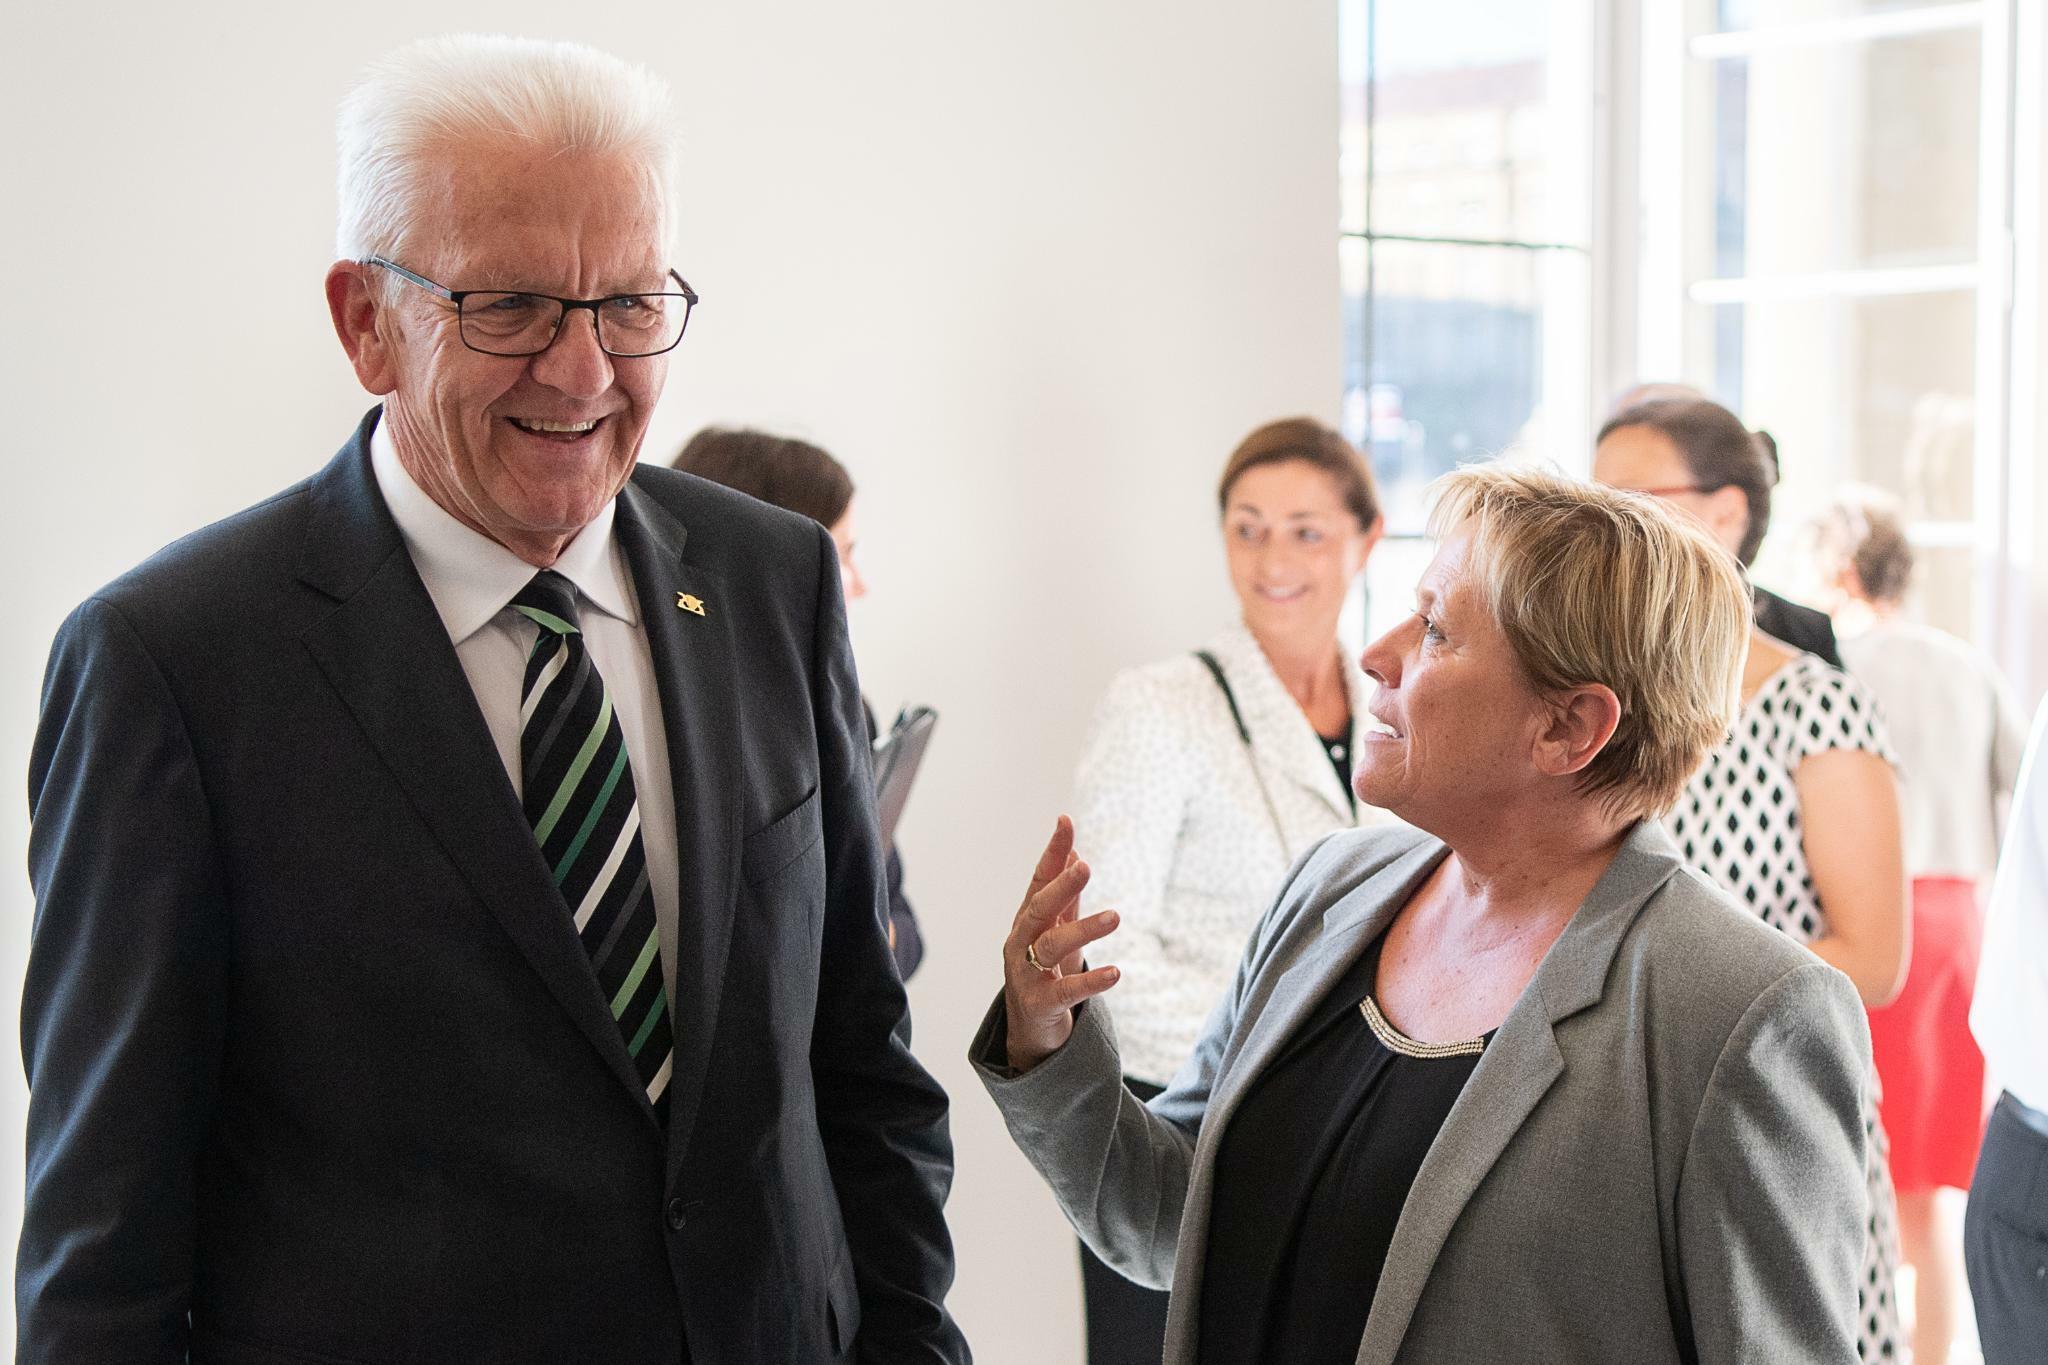 Umfrage: Grüne im Südwesten bei 38 Prozent – CDU abgeschlagen